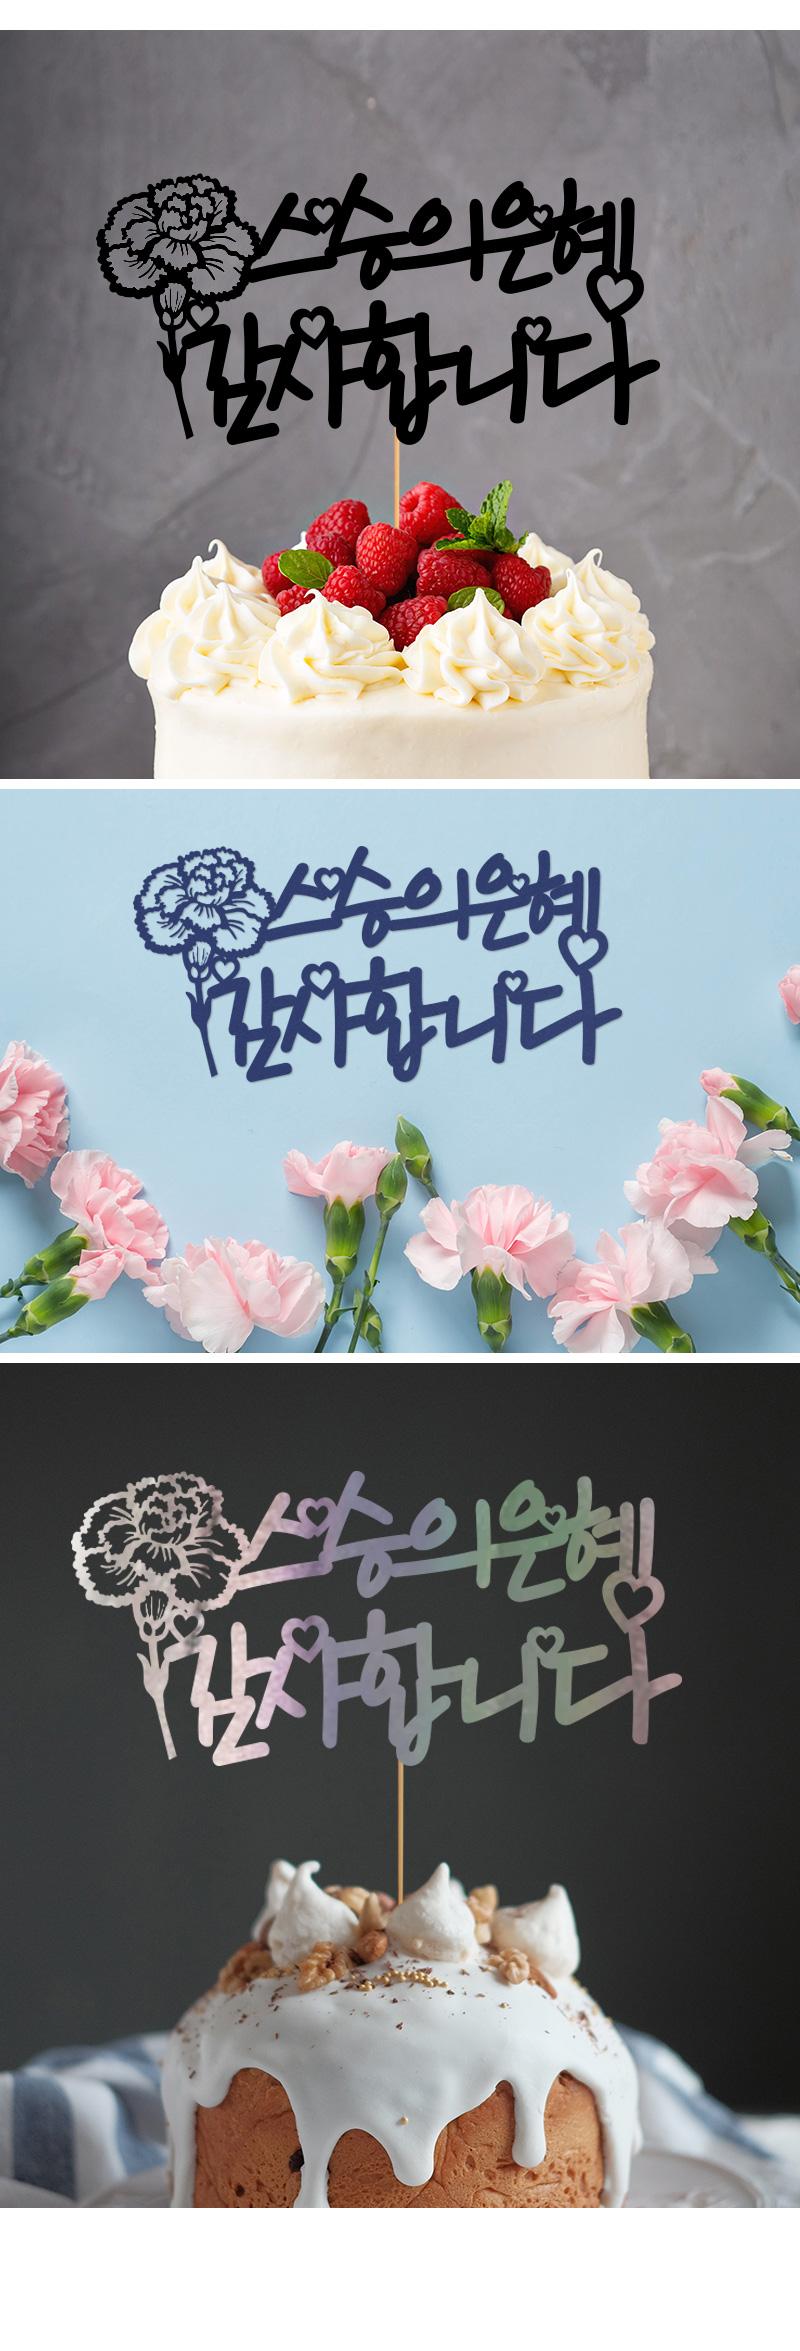 페이퍼 감사 토퍼 - 스승의 은혜 - 파티해, 3,500원, 파티용품, 데코/장식용품